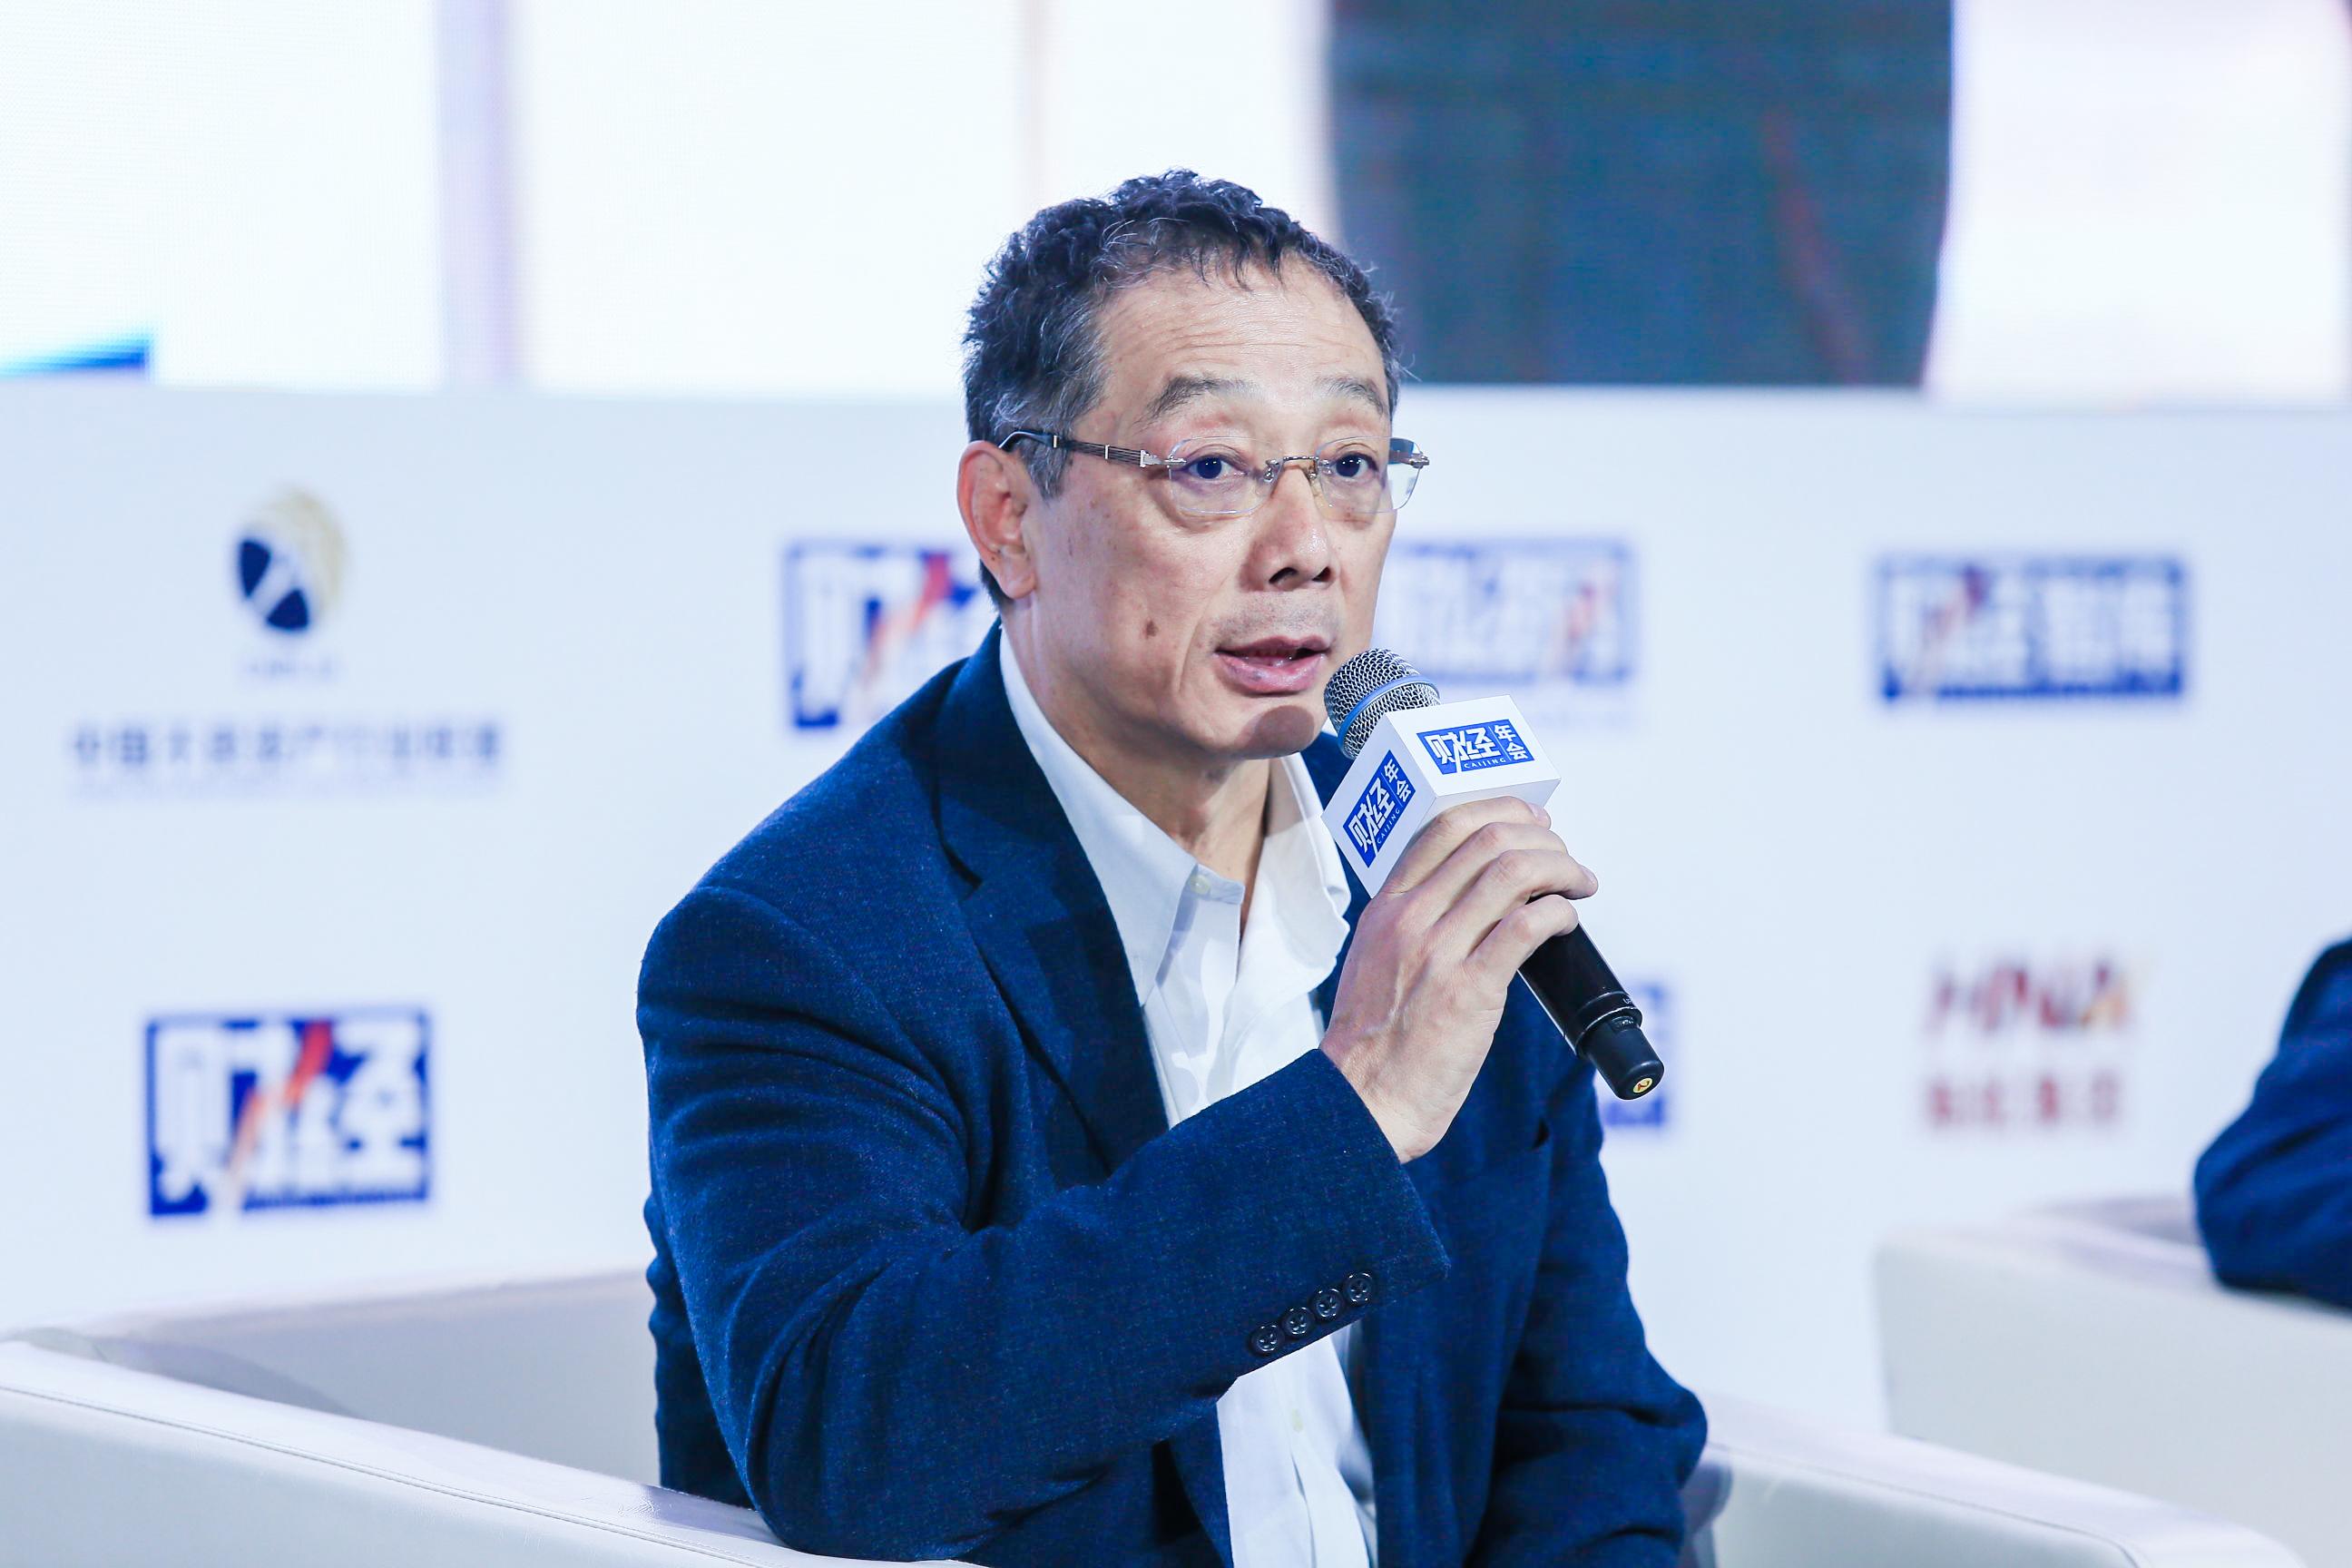 李铁:北京这样的地方高房价是不可避免的